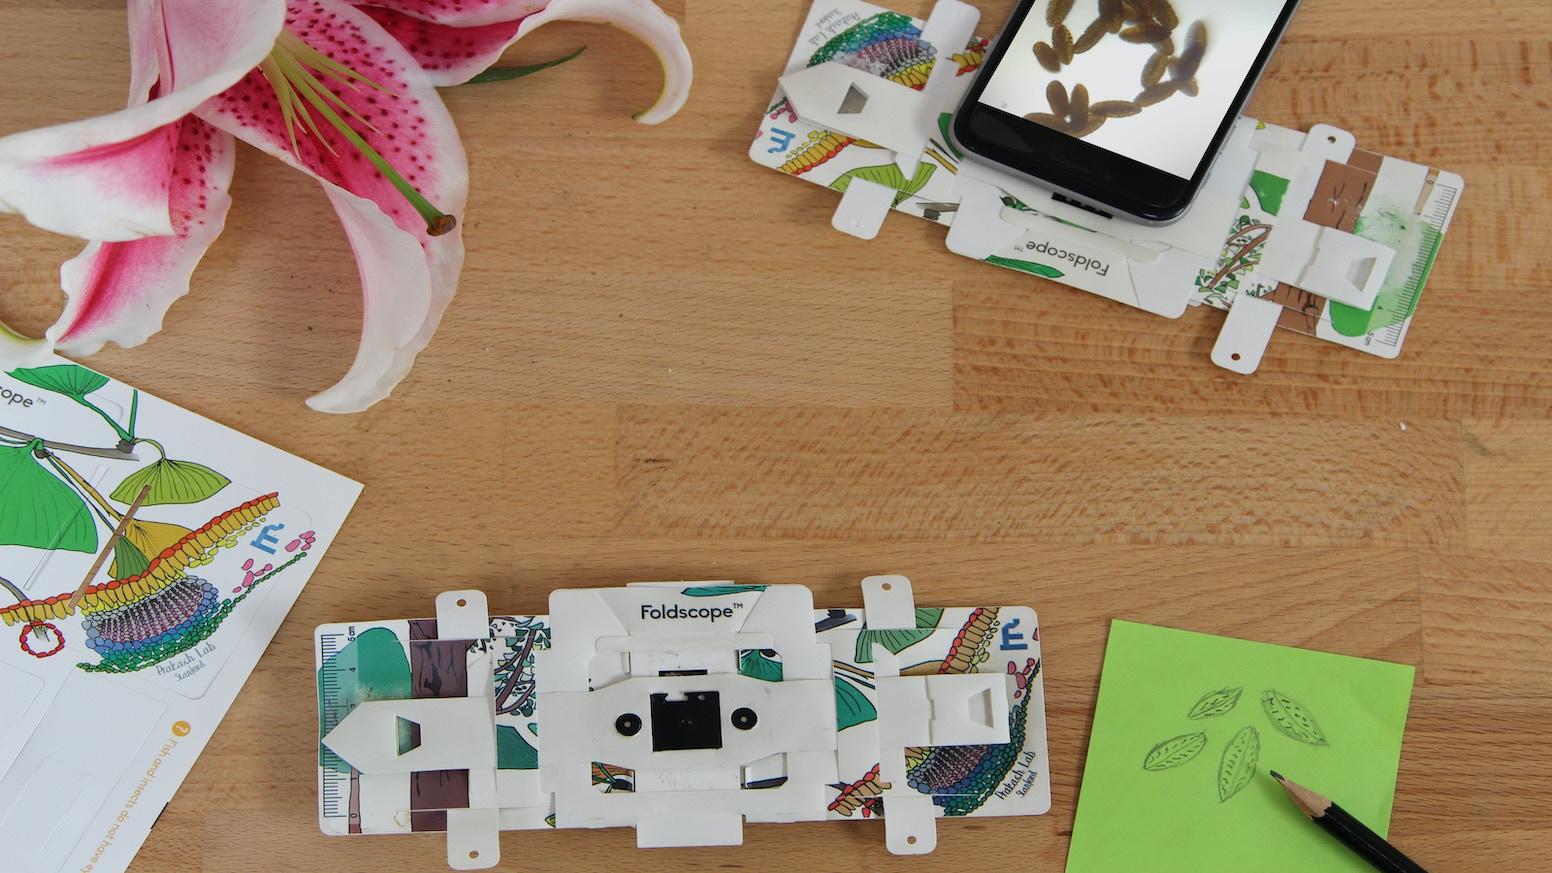 Foldscope The Origami Paper Microscope By Foldscope Manu Prakash